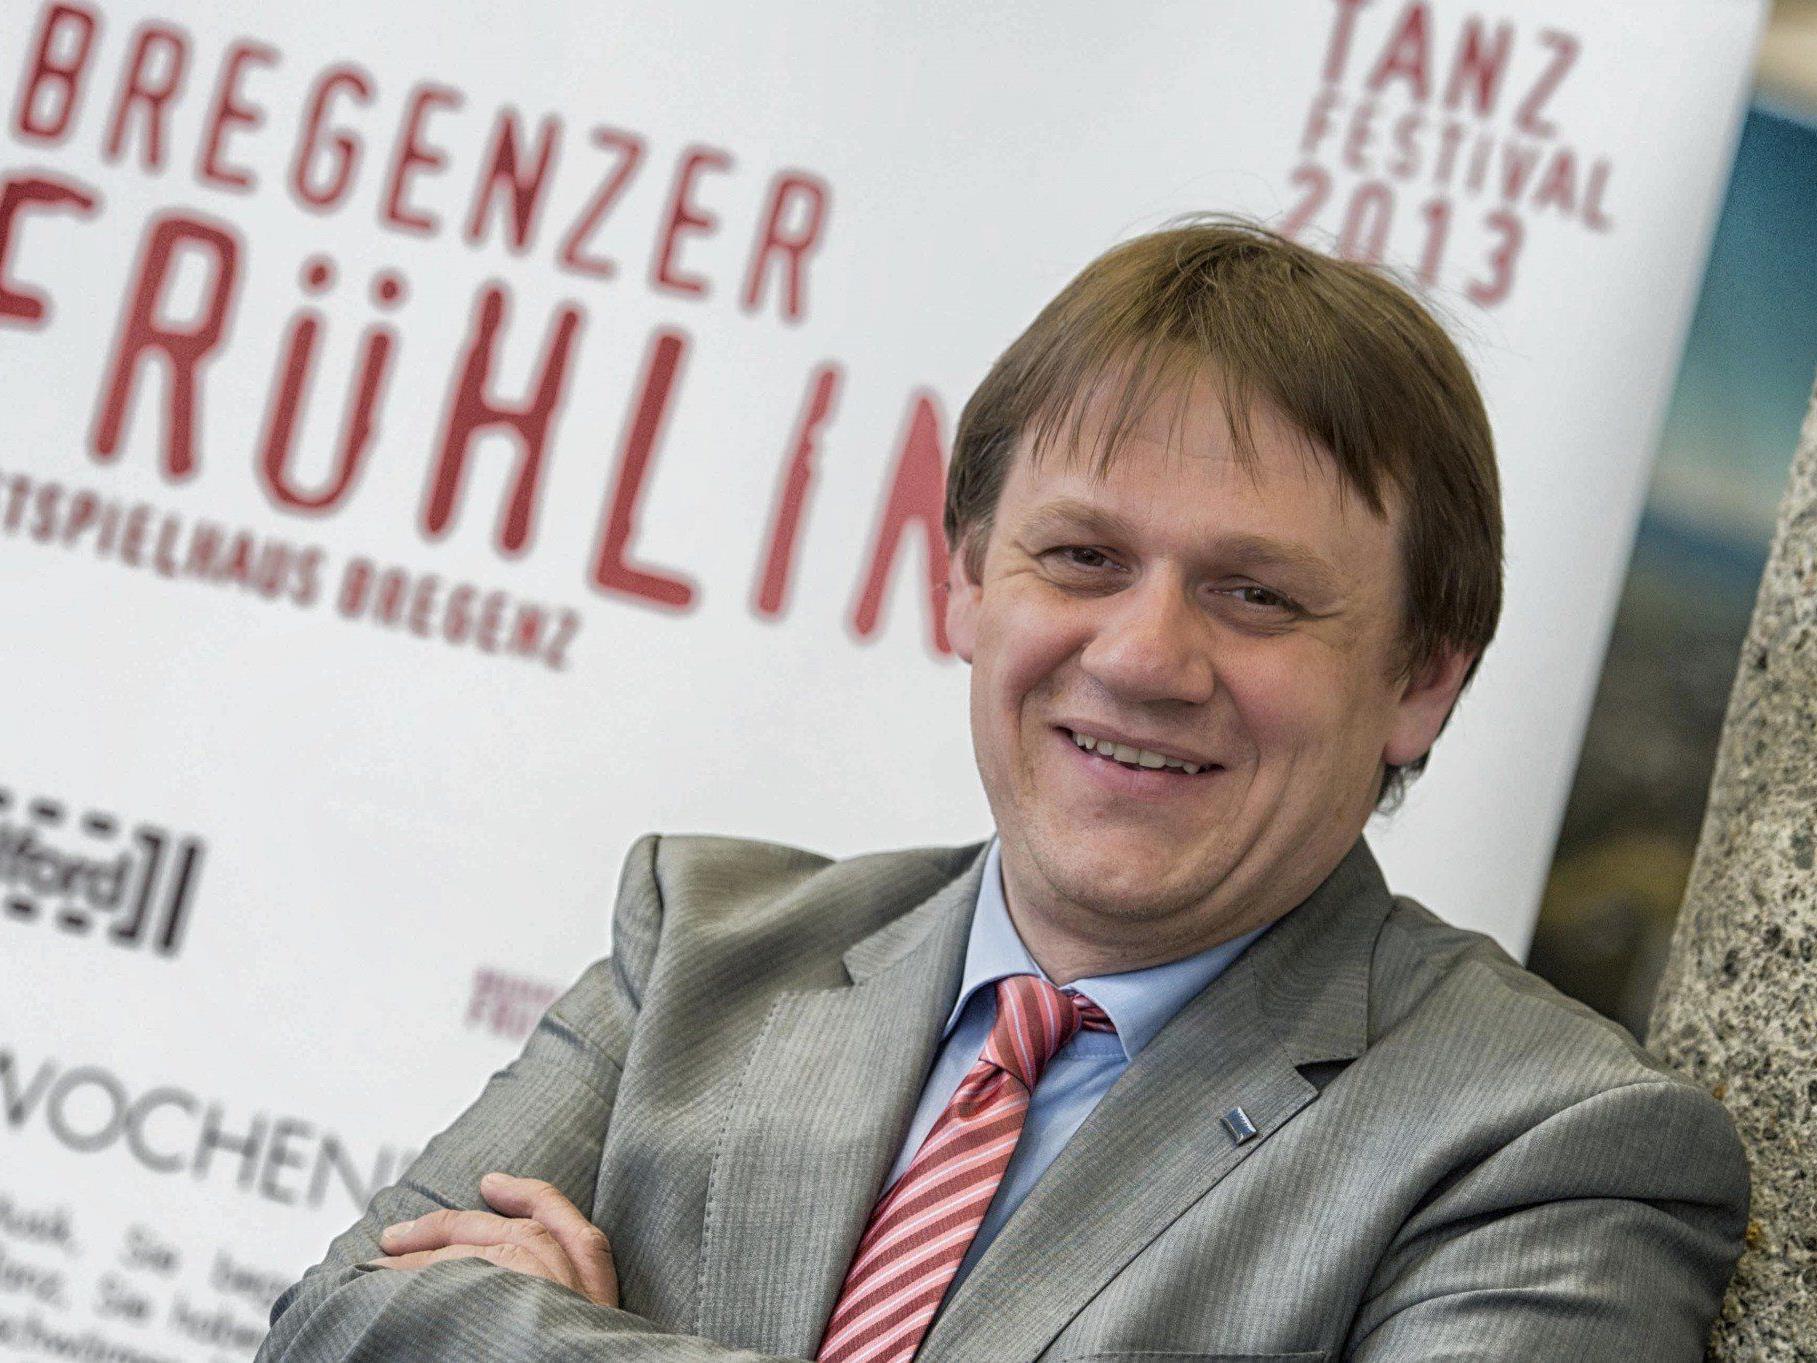 """""""Bregenz ist ein Bühne, die bespielt werden muss."""" - Christoph Thoma, Neo-Chef von Bregenz Tourismus."""